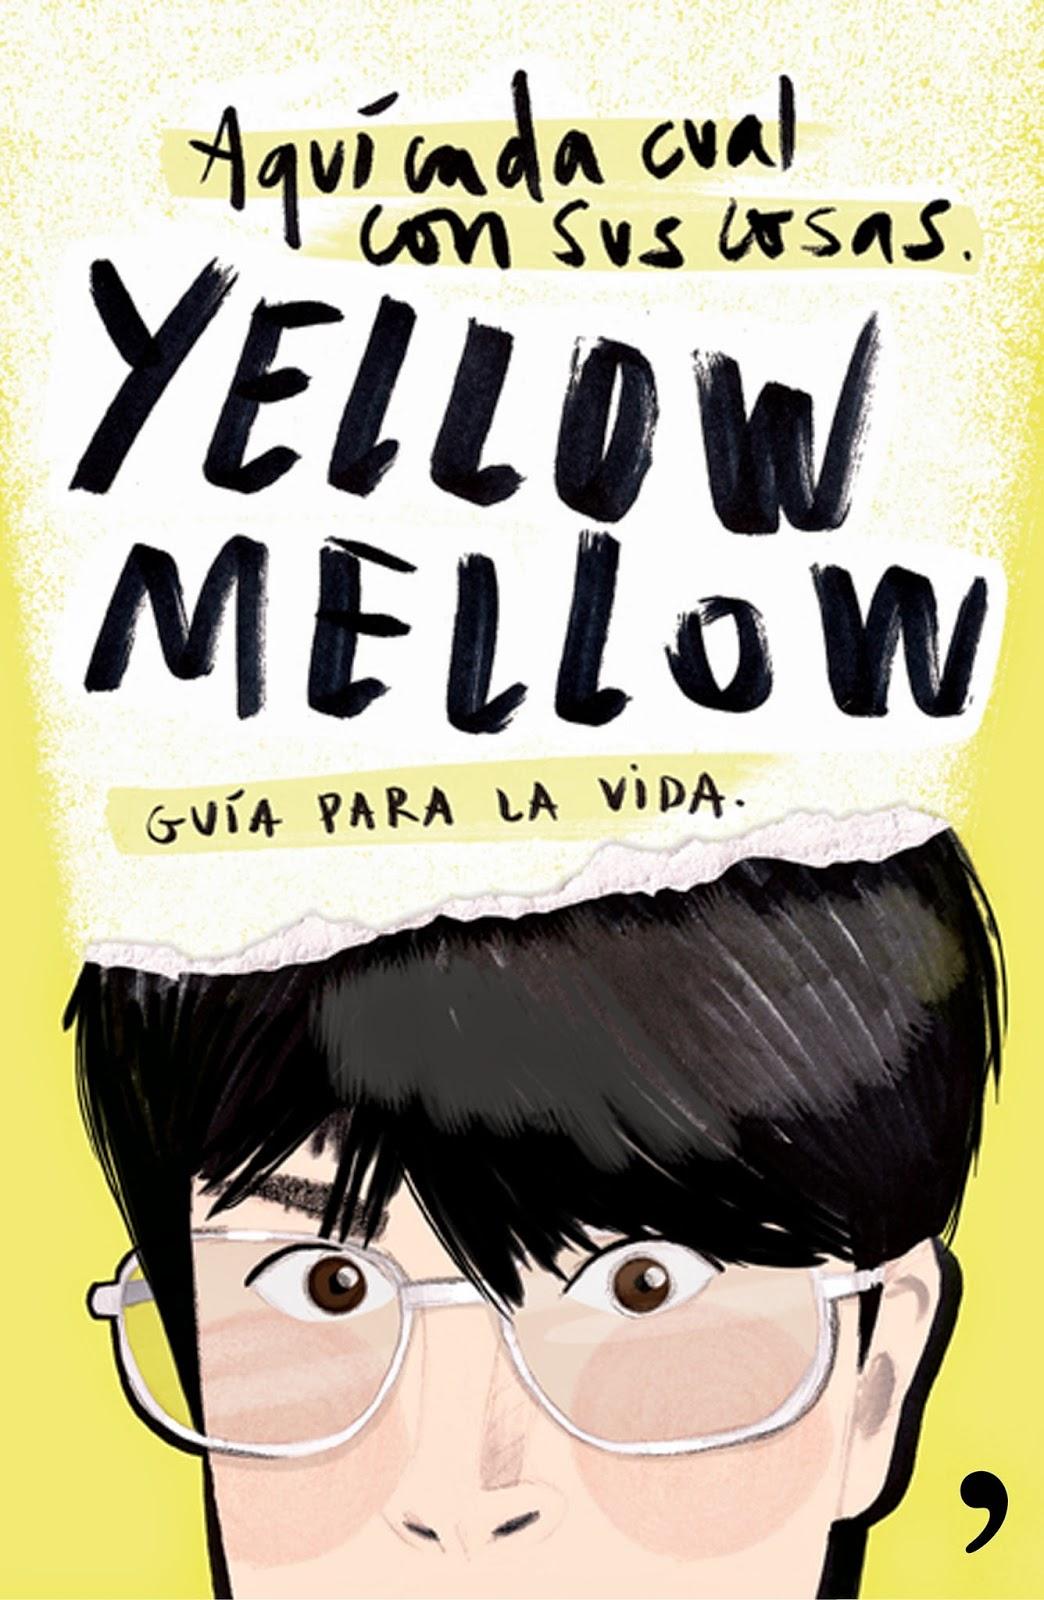 reseña, reseña libro, Yellow Mellow, Aquí cada cual con sus cosas, Guía para la vida, Temas de hoy, Libros de  youtubers